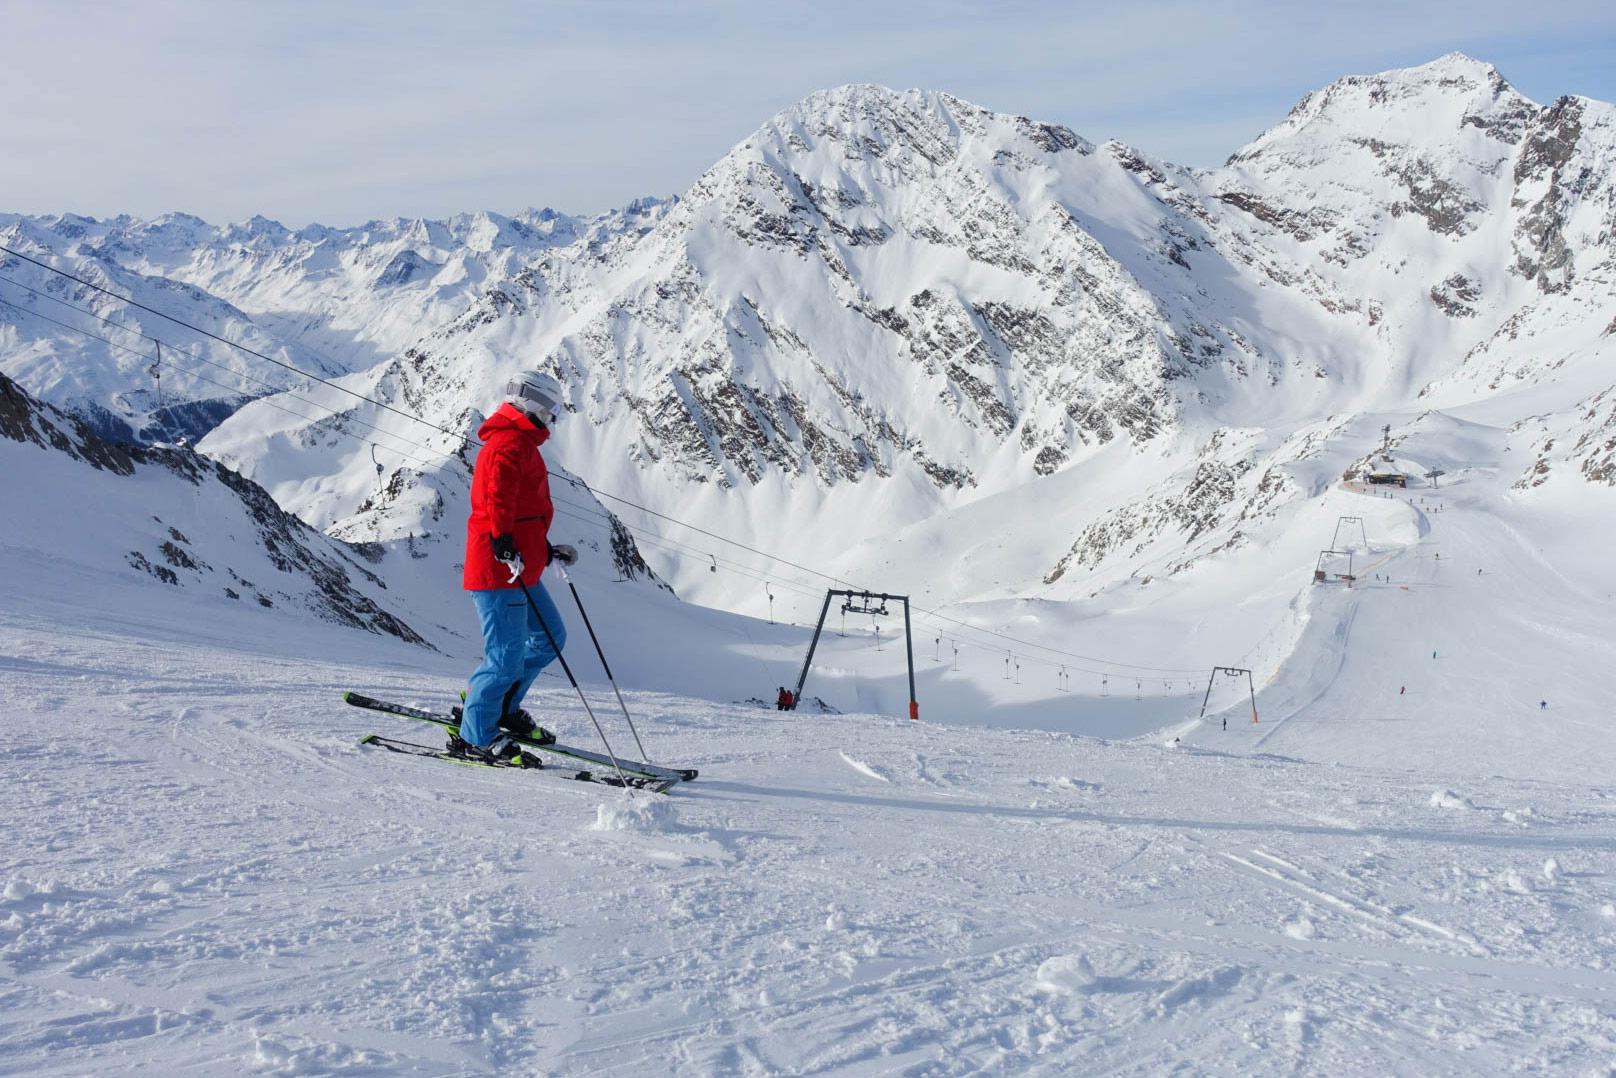 corona wintersport Oostenrijk 2021/2022